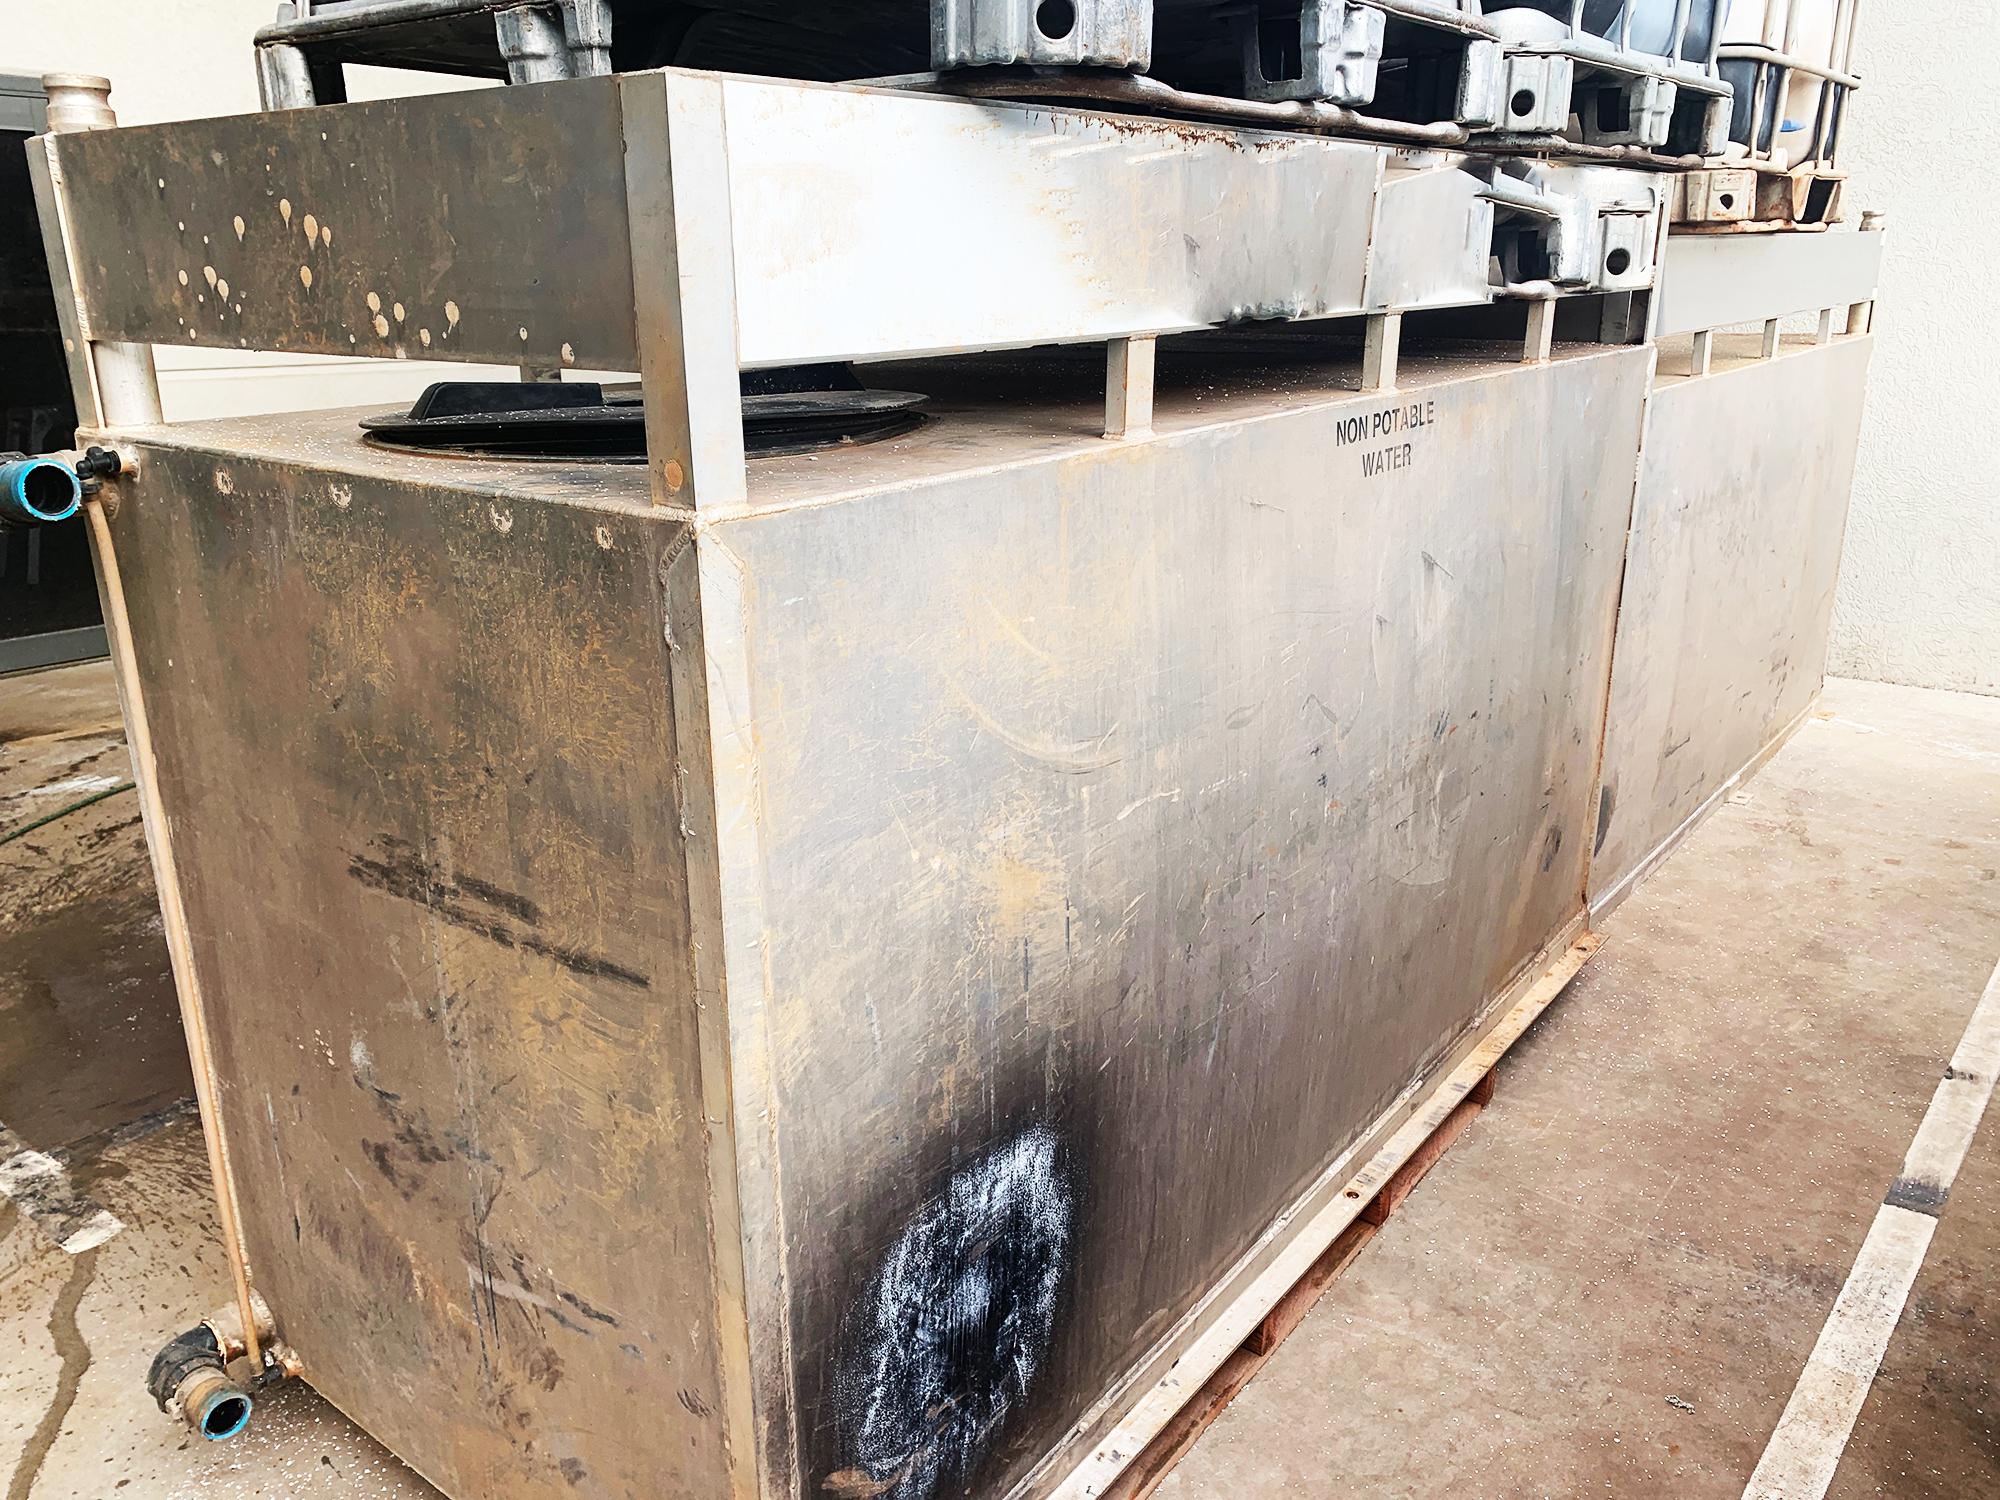 Aluminium water tank